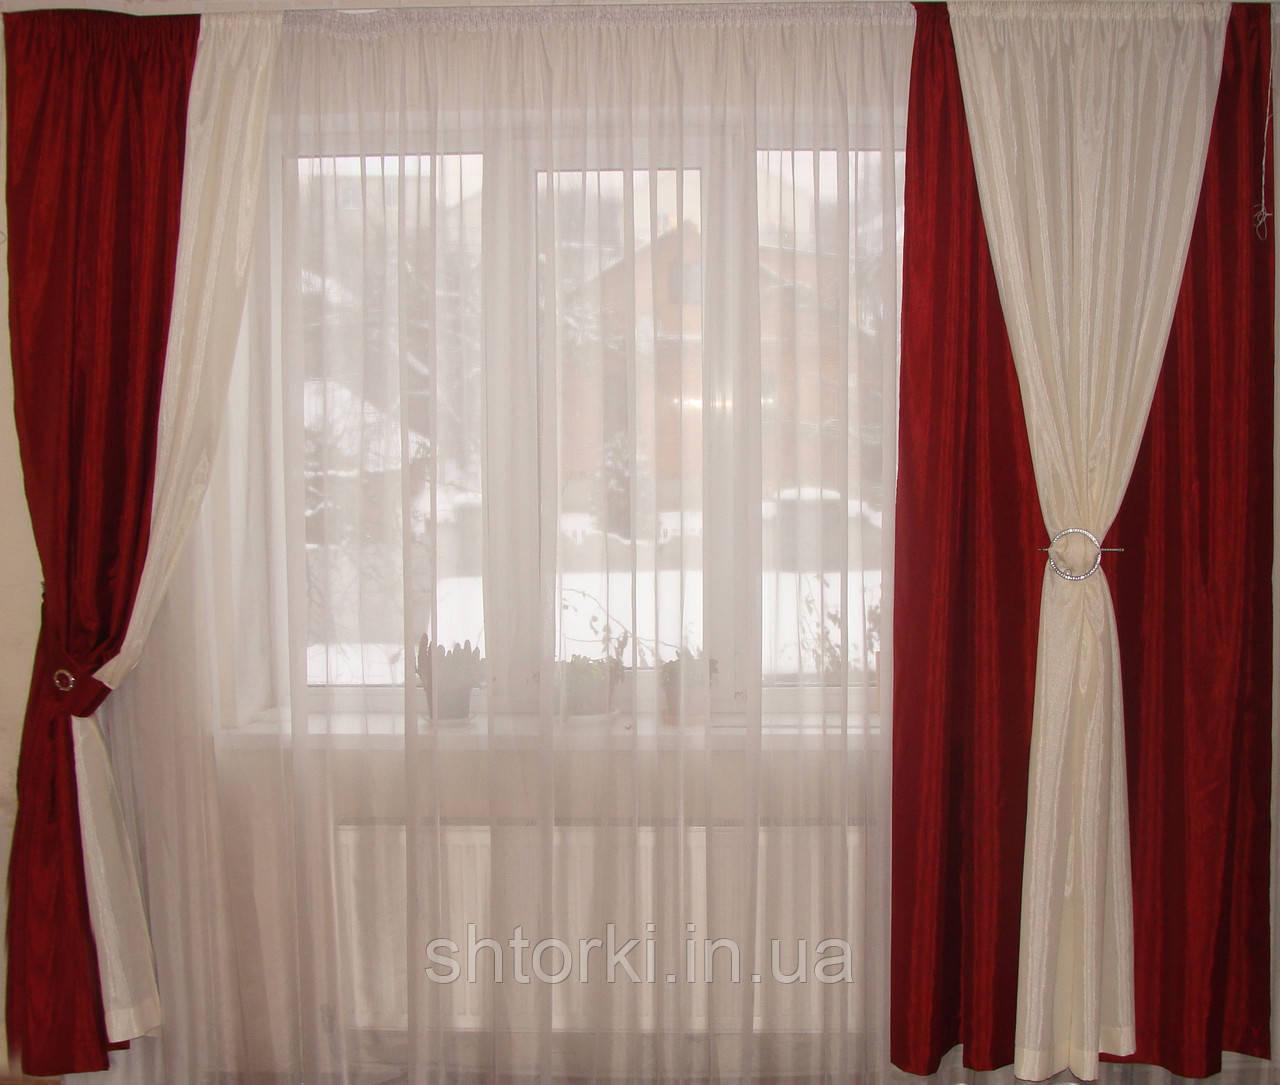 Комплект штор бордо и слоновая кость